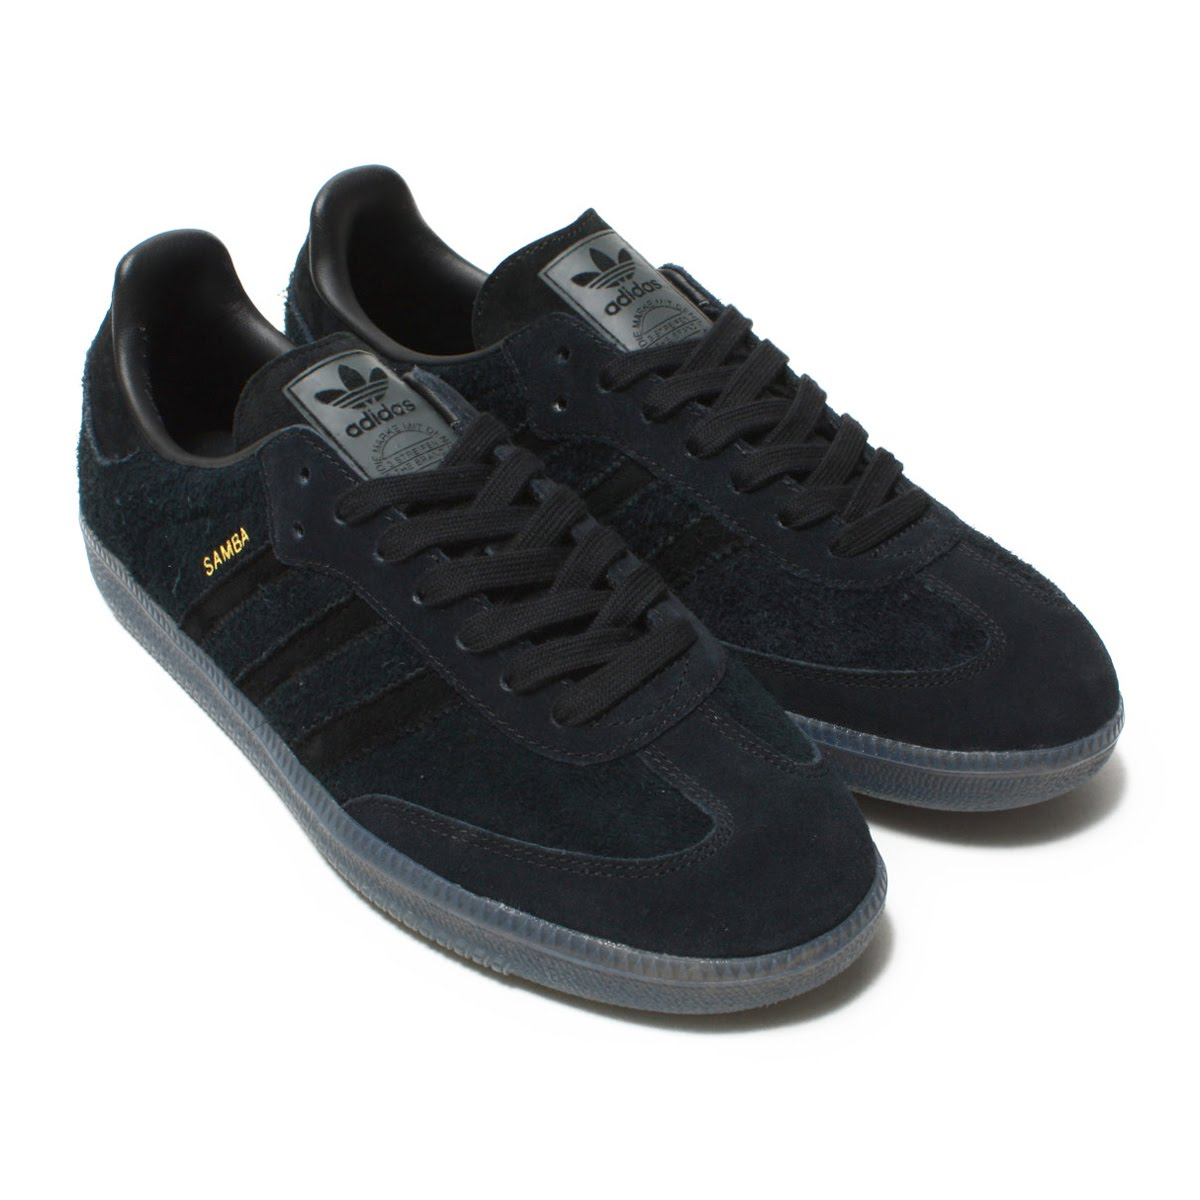 adidas Originals SAMBA OG(アディダス オリジナルス サンバOG)Core Black/Core Black/Carbon【メンズ レディース スニーカー】18FW-I